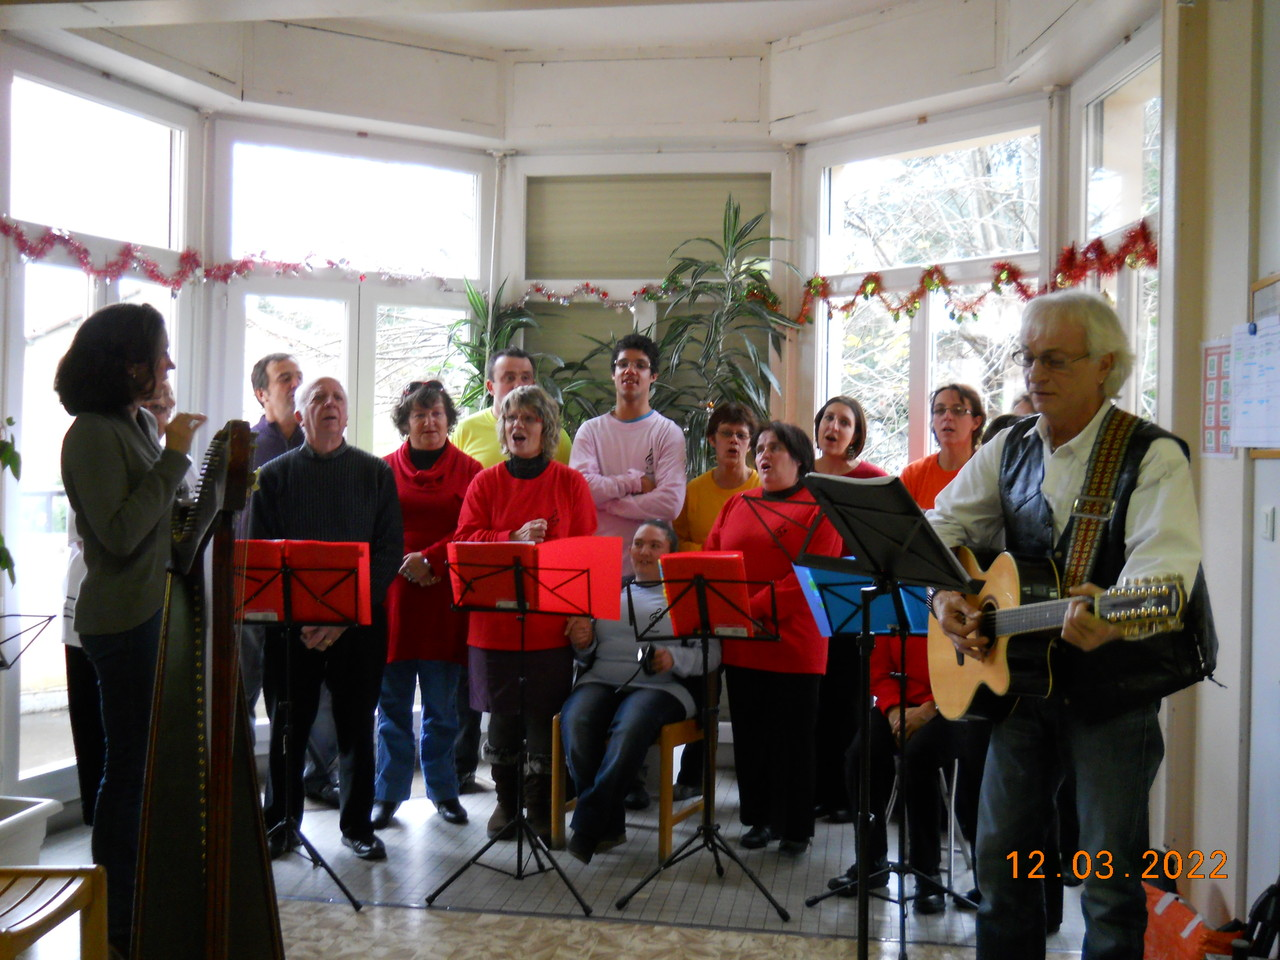 Hopital de jour Lourdes 21 décembre 2011